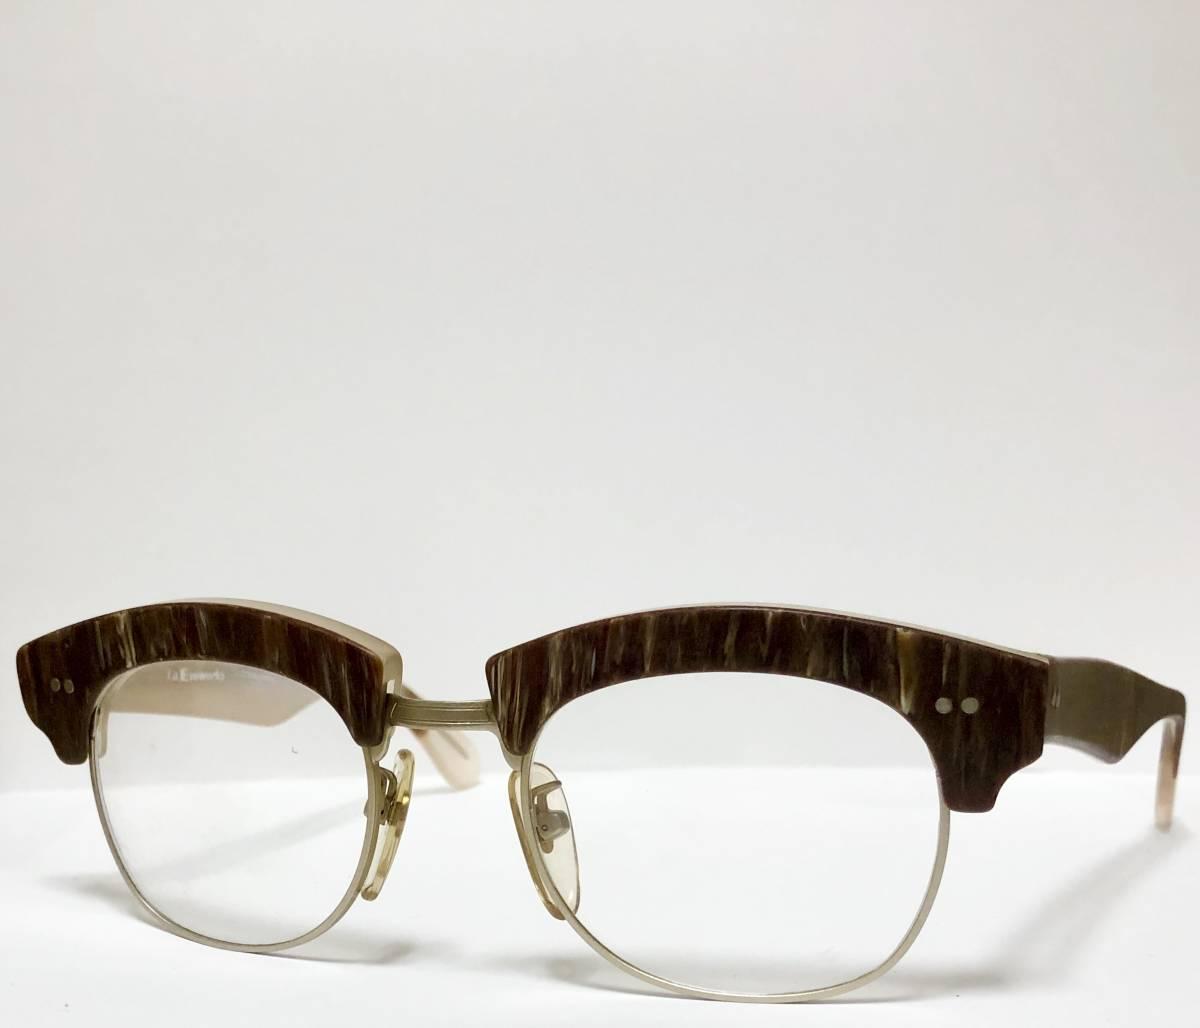 【ビンテージ・新品】1990年代 l.a. Eyeworks イタリア製 高級メガネ エルエーアイワークス ギガンター /ヴィンテージ 米国ブランド_画像2